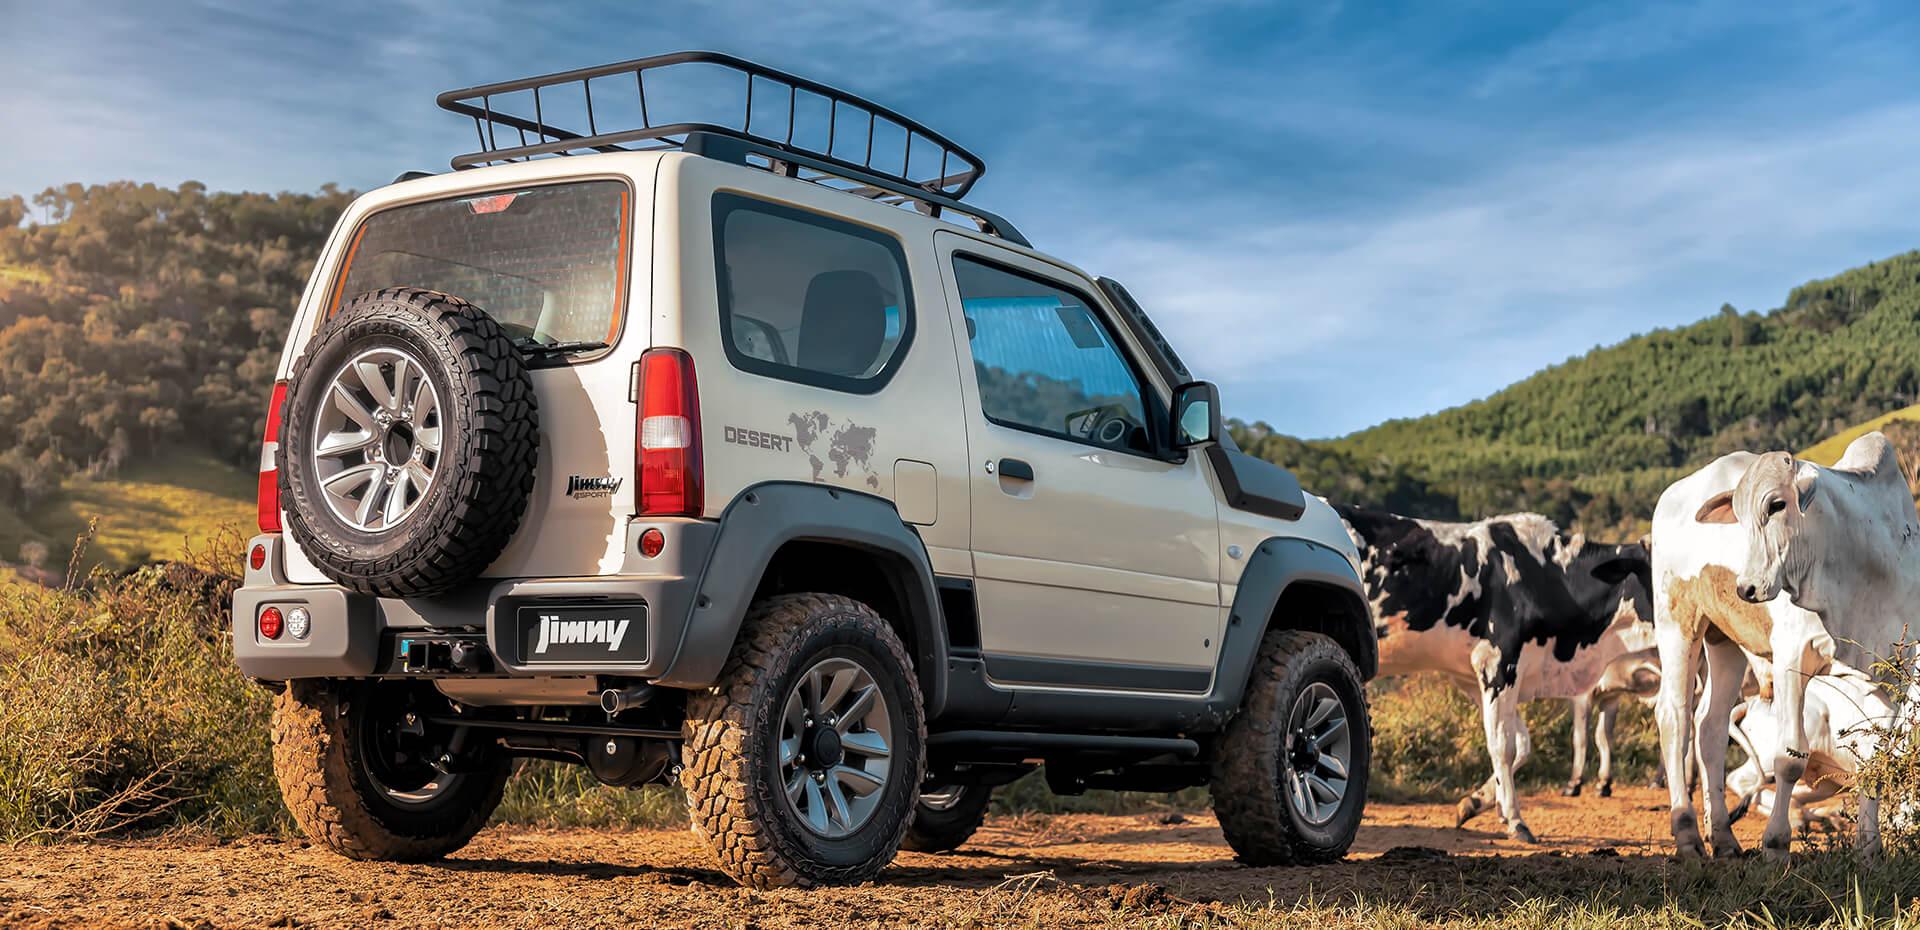 Suzuki JIMNY DESERT 10